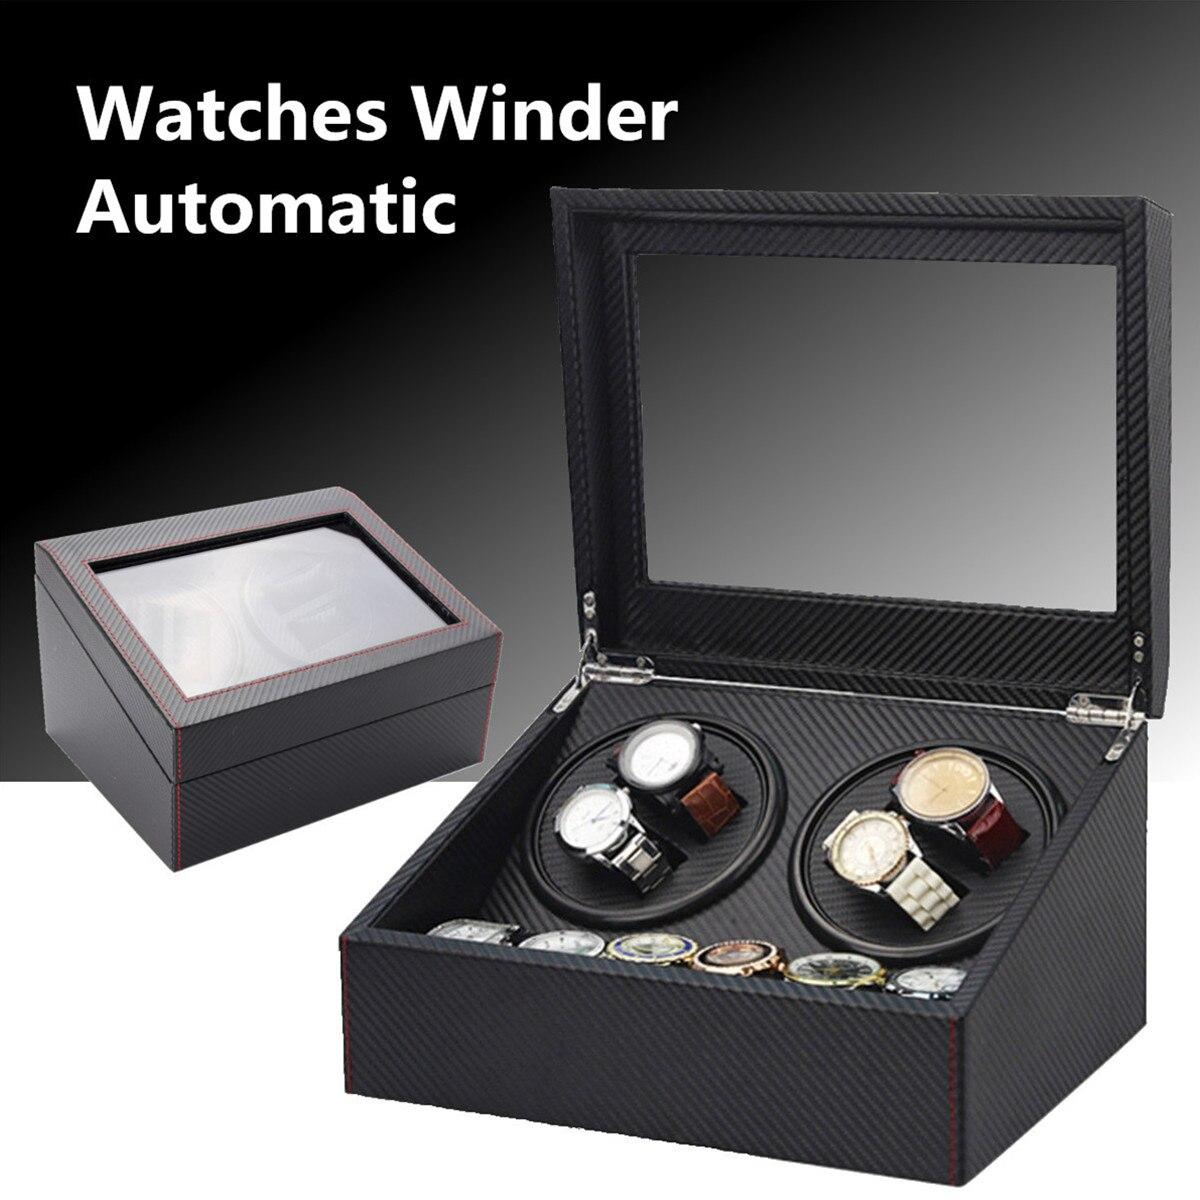 Черный 4 + 6 Автоматическая намотка часов деревянный двойной автоматический 2 двигателя чехол для хранения Коробка органайзер дисплей стойк